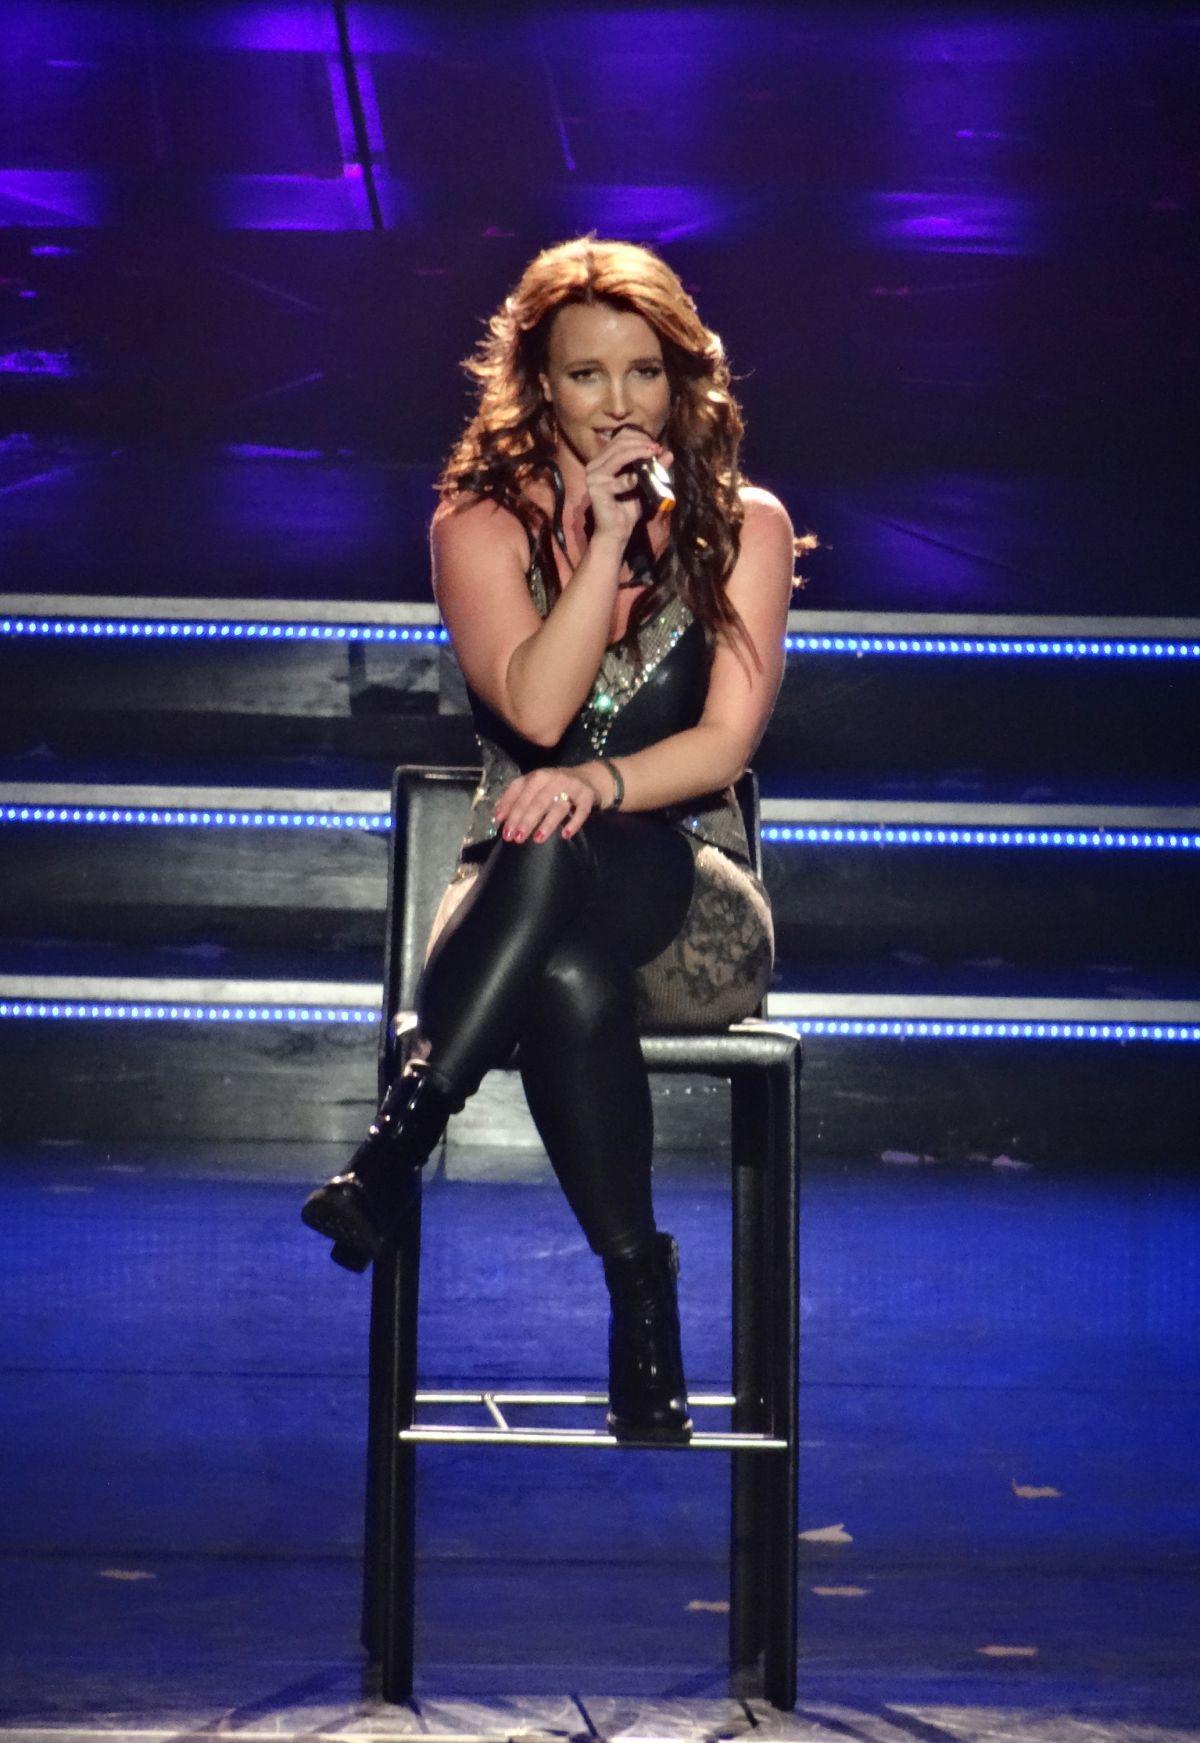 BRITNEY SPEARS Performs Live in Las Vegas - HawtCelebs - HawtCelebs